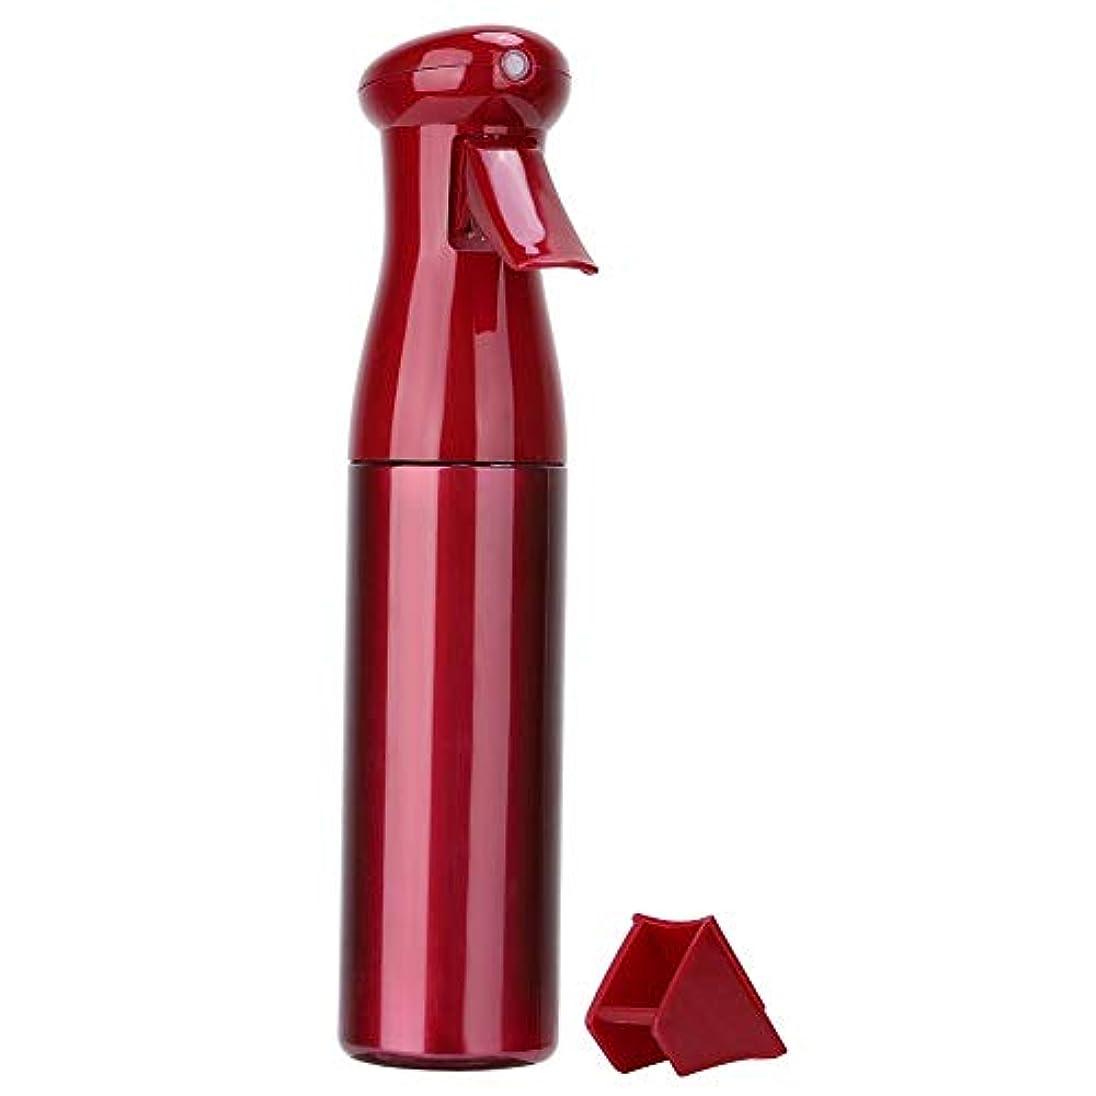 魅了するせがむ因子Nitrip スプレーボトル 霧吹き 極細のミストを噴霧する サロン理髪用 花植えツール 美髪師用 持ち運び便利 3色(赤)